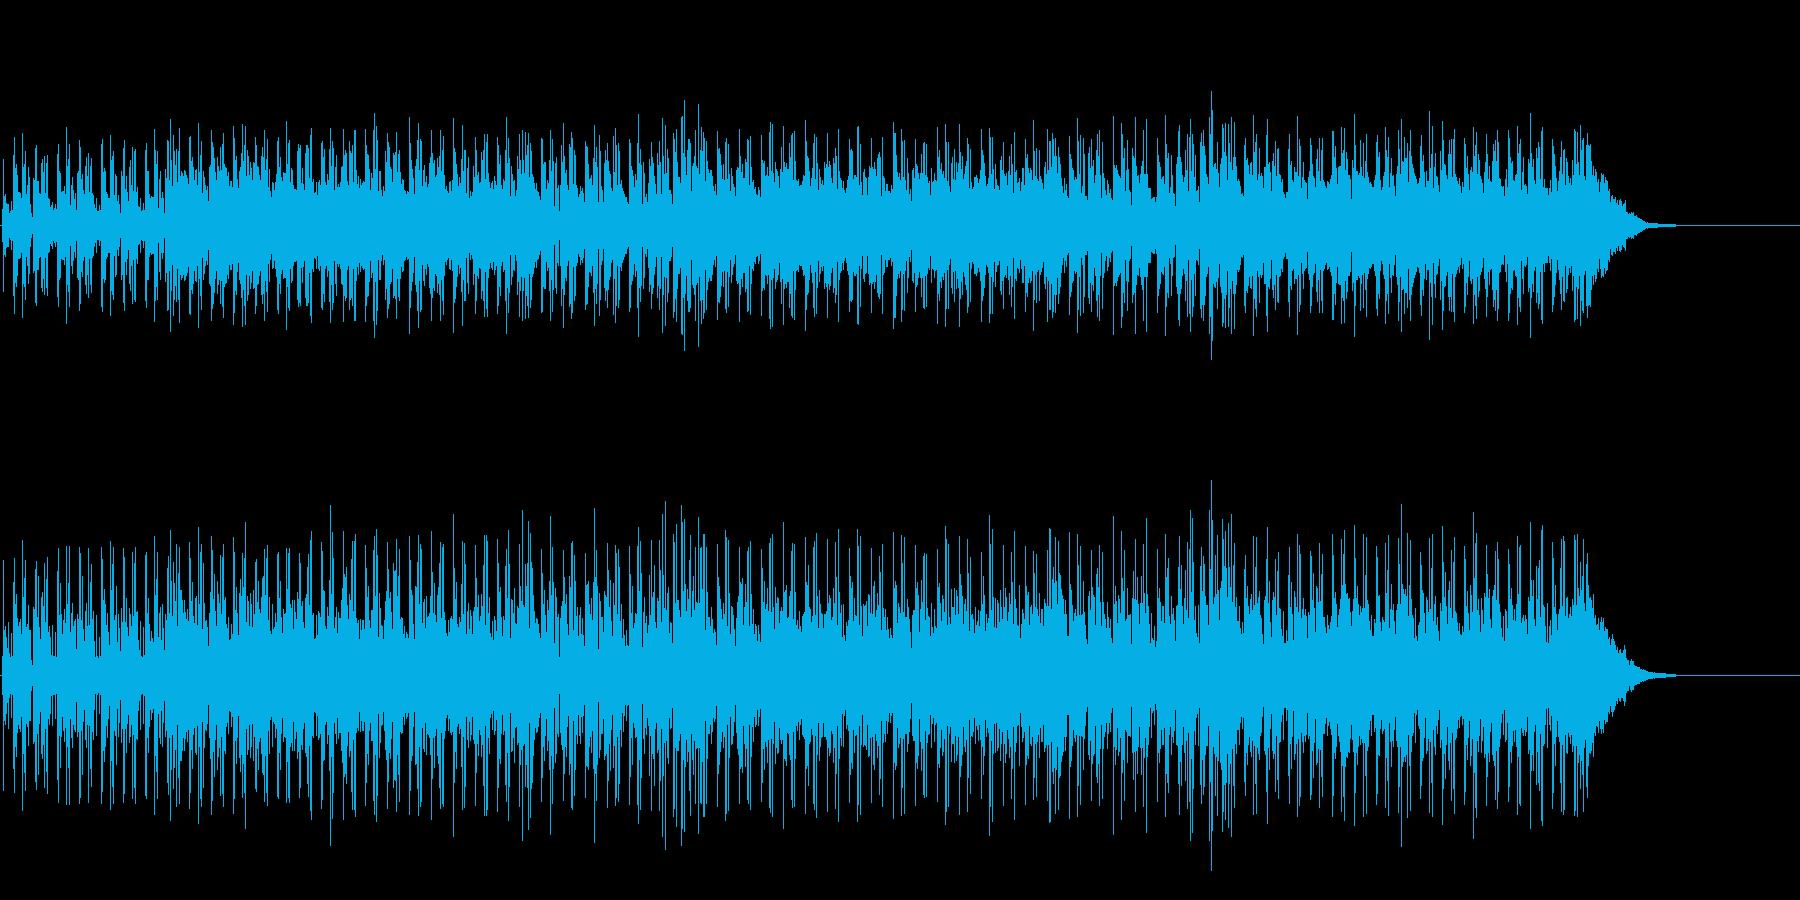 ノスタルジックのシンセ・サウンドの再生済みの波形